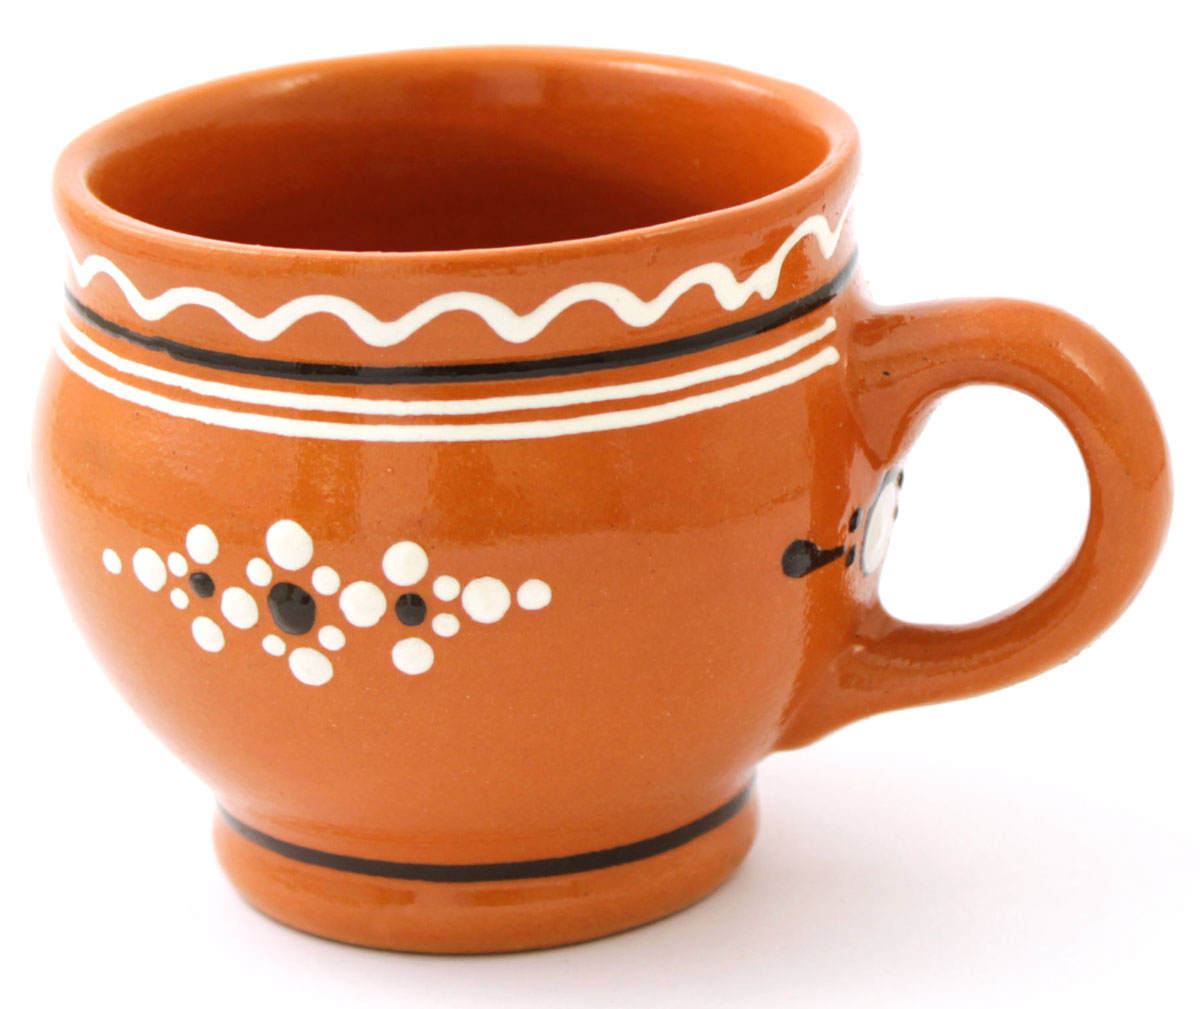 Кружка Ломоносовская керамика Крошка, 200 мл391602Кружка Ломоносовская керамика Крошка выполнена из высококачественной глины и оформлена оригинальным рисунком. Такая кружка прекрасно оформит стол к чаепитию и станет его неизменным атрибутом.